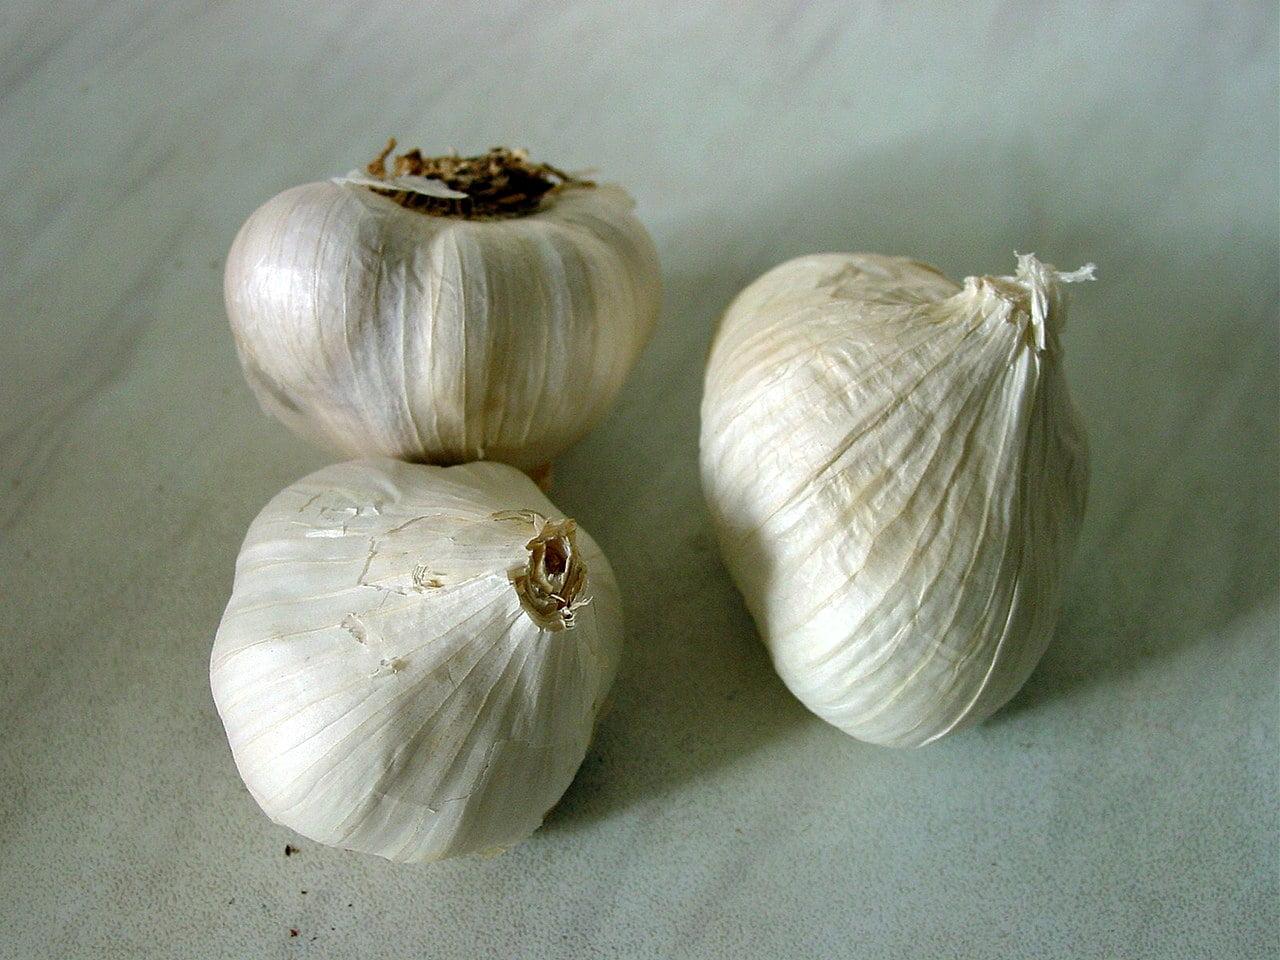 Mengenal Bawang Putih, Manfaat dan Kandungan